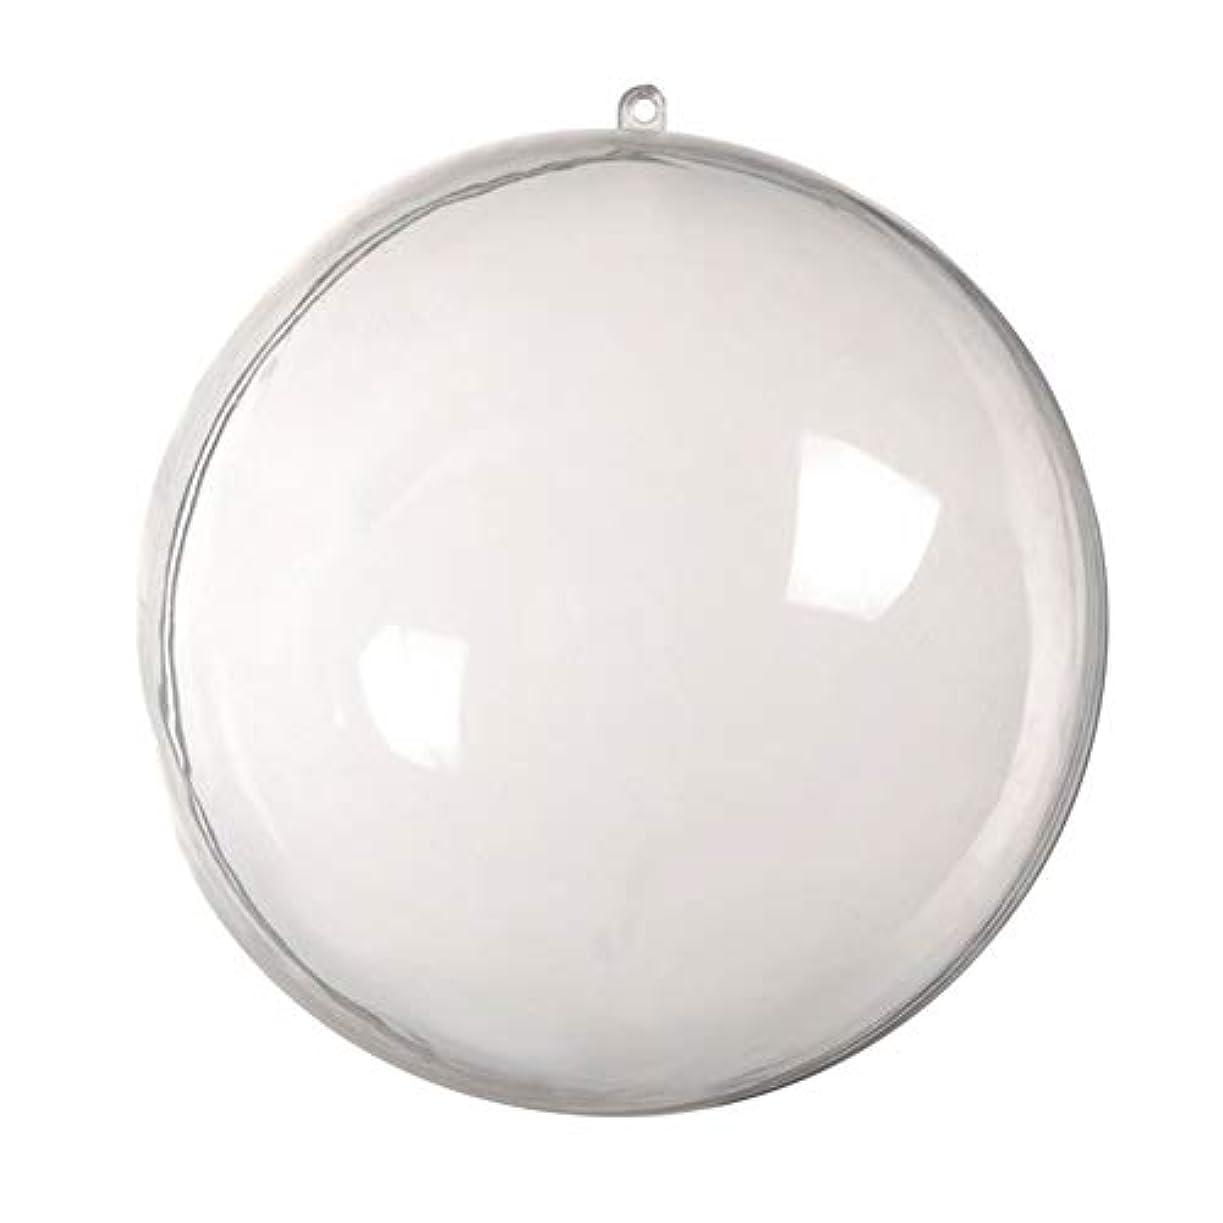 報酬さびた素子アリガドクリアプラスチッククリスマスボール、クリア透明ボール、球充填クリスマスツリー飾りDIYクラフトつまらない飾り(5個)